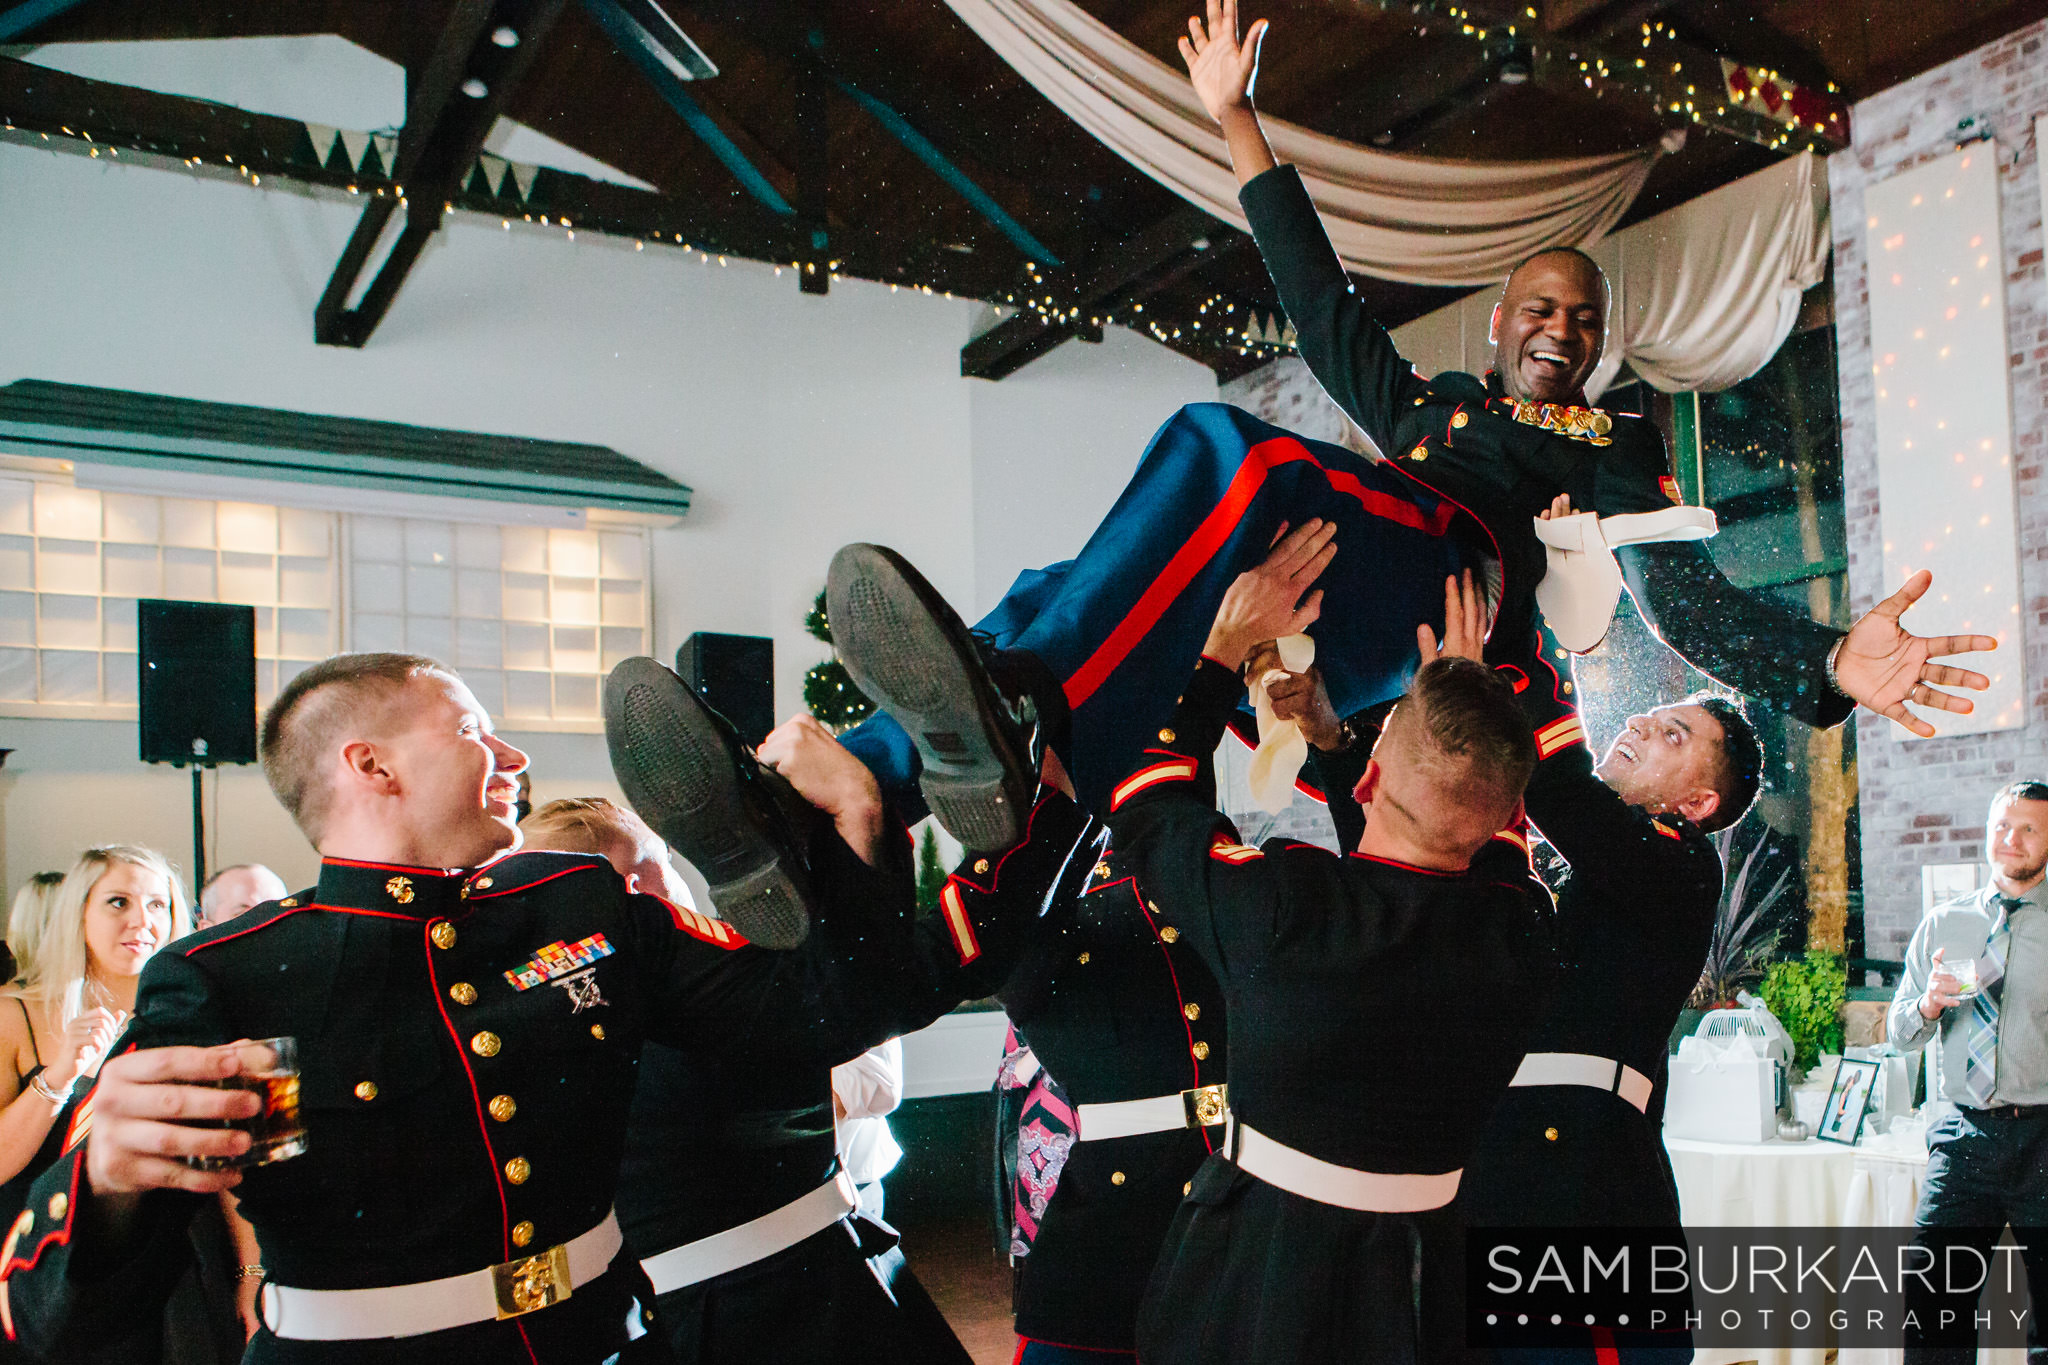 samburkardt_pond_house_hartford_wedding_fall_0067.jpg